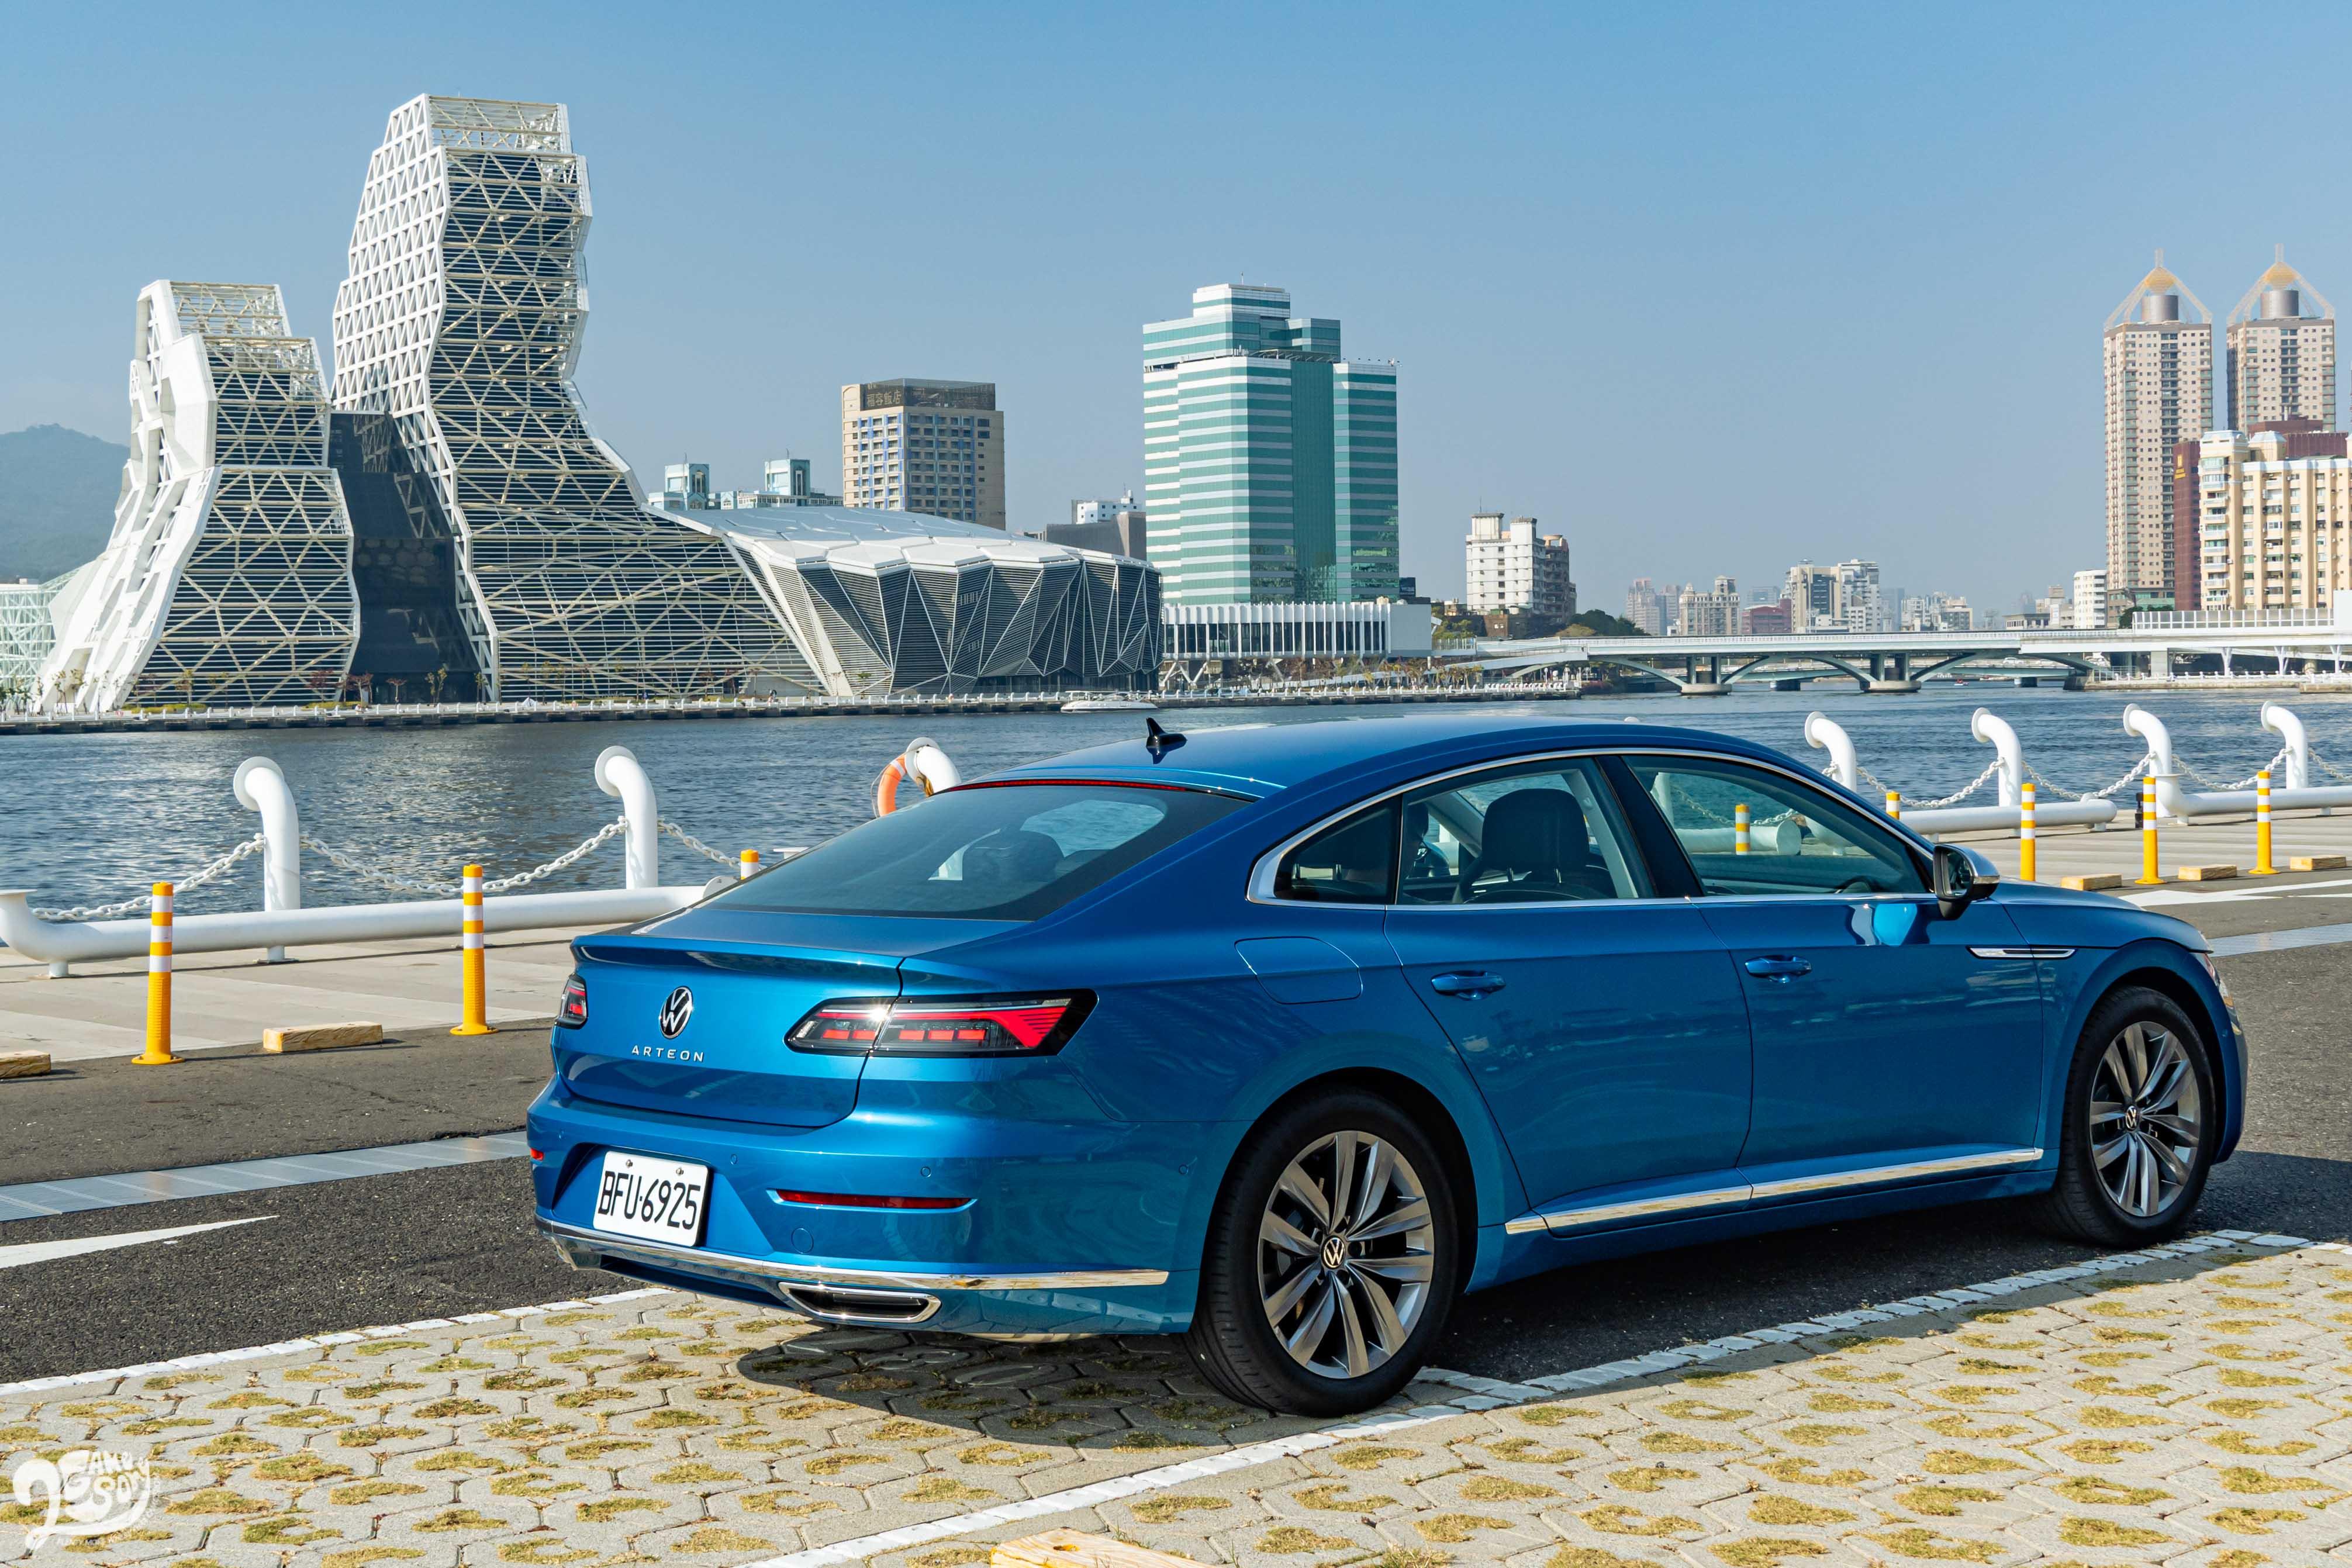 以跑旅作為多數市場旗艦代表,Volkswagen 期望透過 Arteon 奇兵突襲的意圖相當明顯。